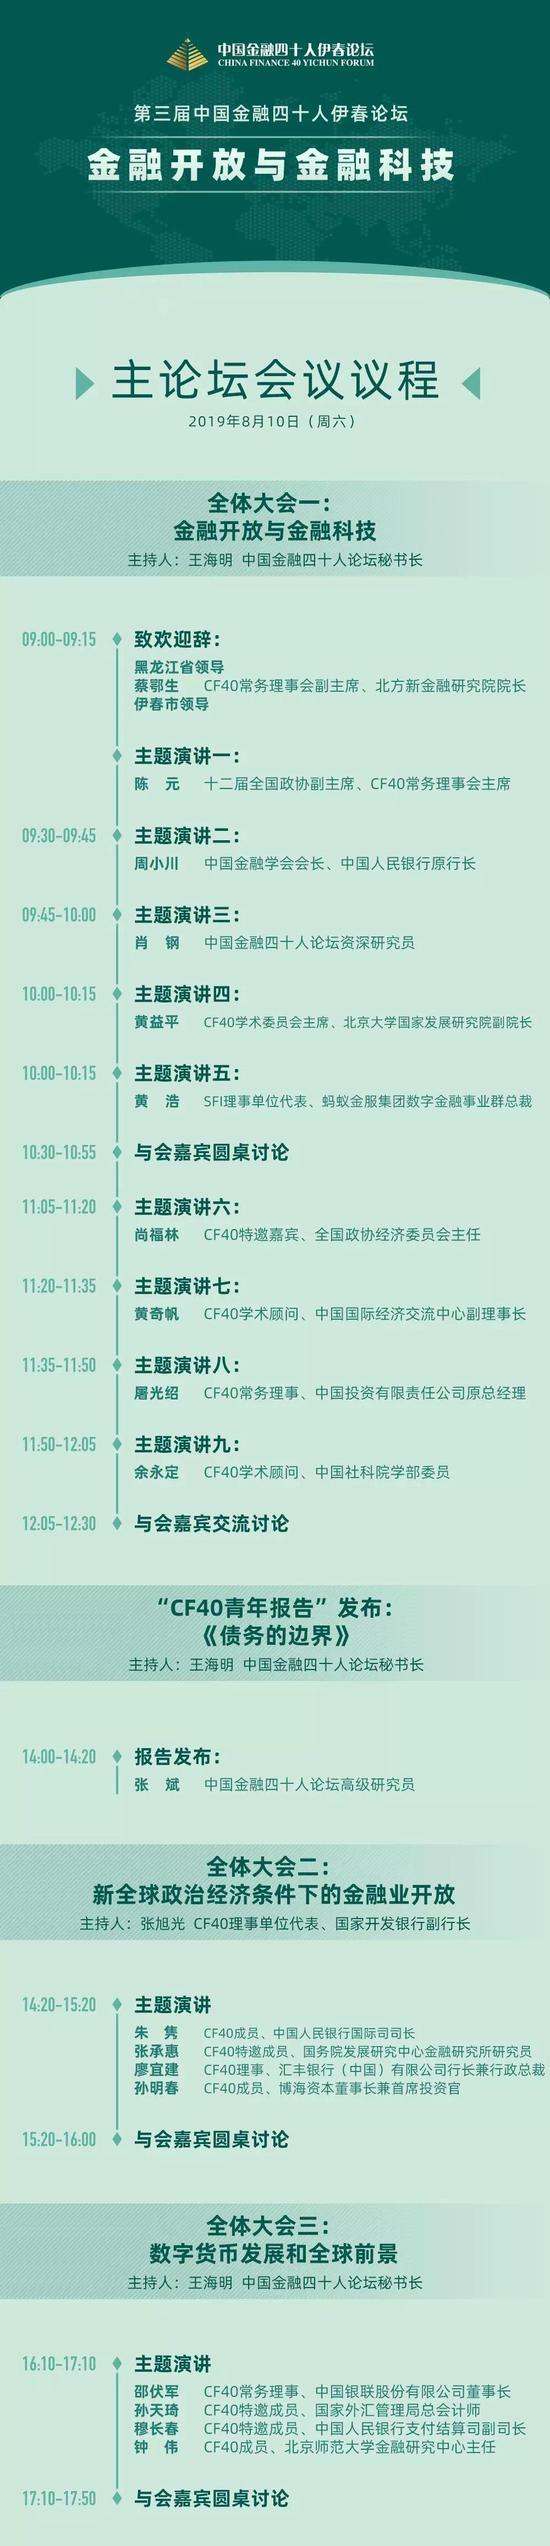 嘉宾齐聚!第三届中国金融四十人伊春论坛议程抢先看